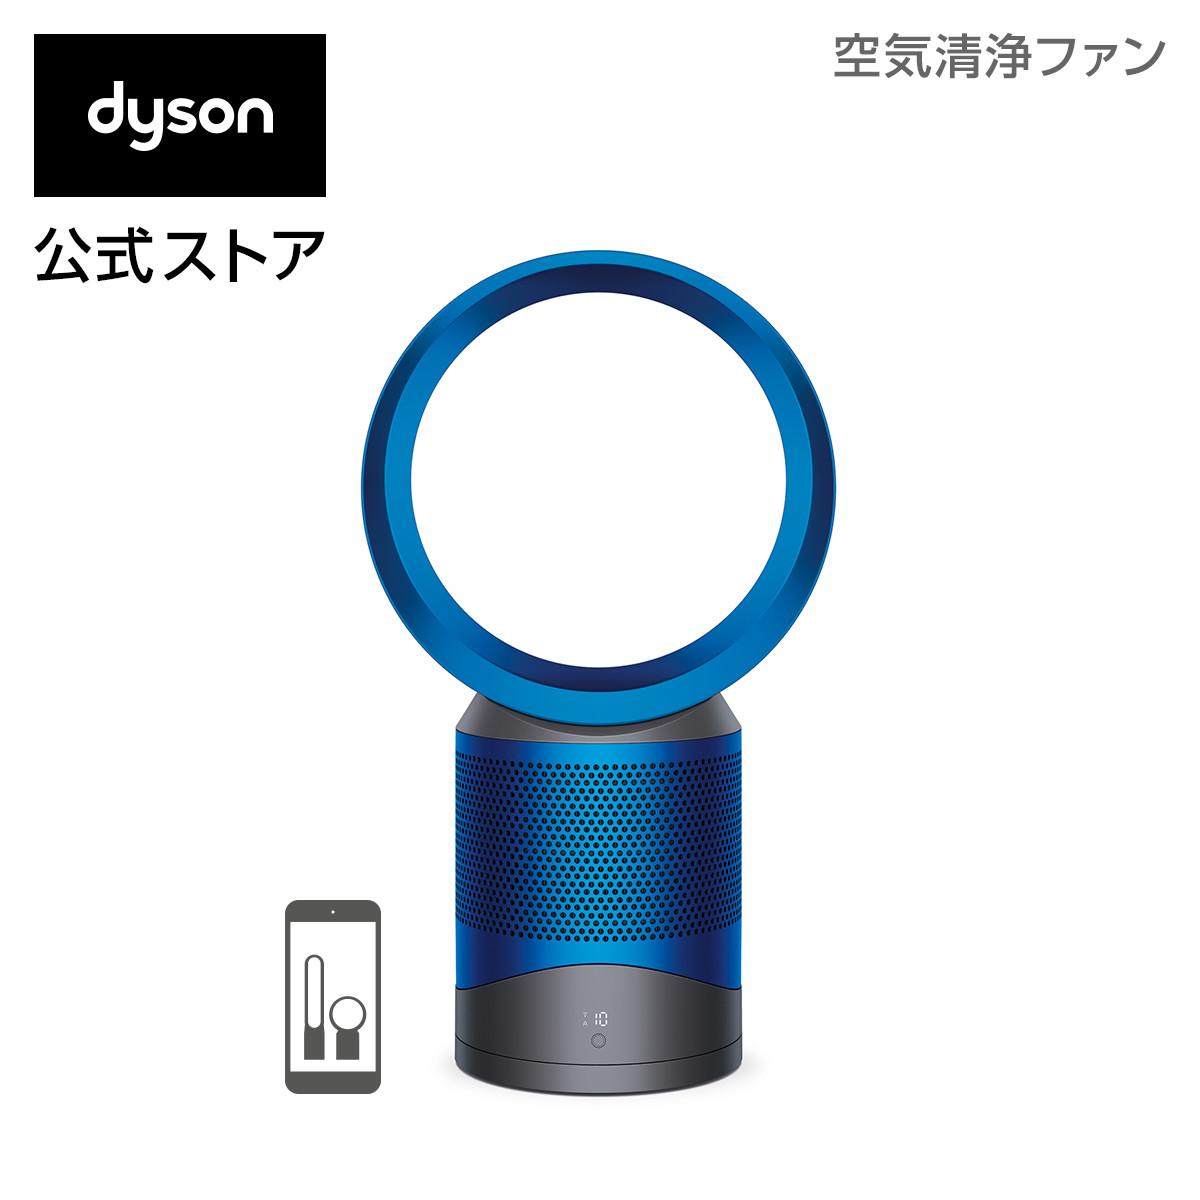 【クリアランス】ダイソン Dyson Pure Cool Link DP03 IB 空気清浄機能付テーブルファン 扇風機 アイアン/ブルー